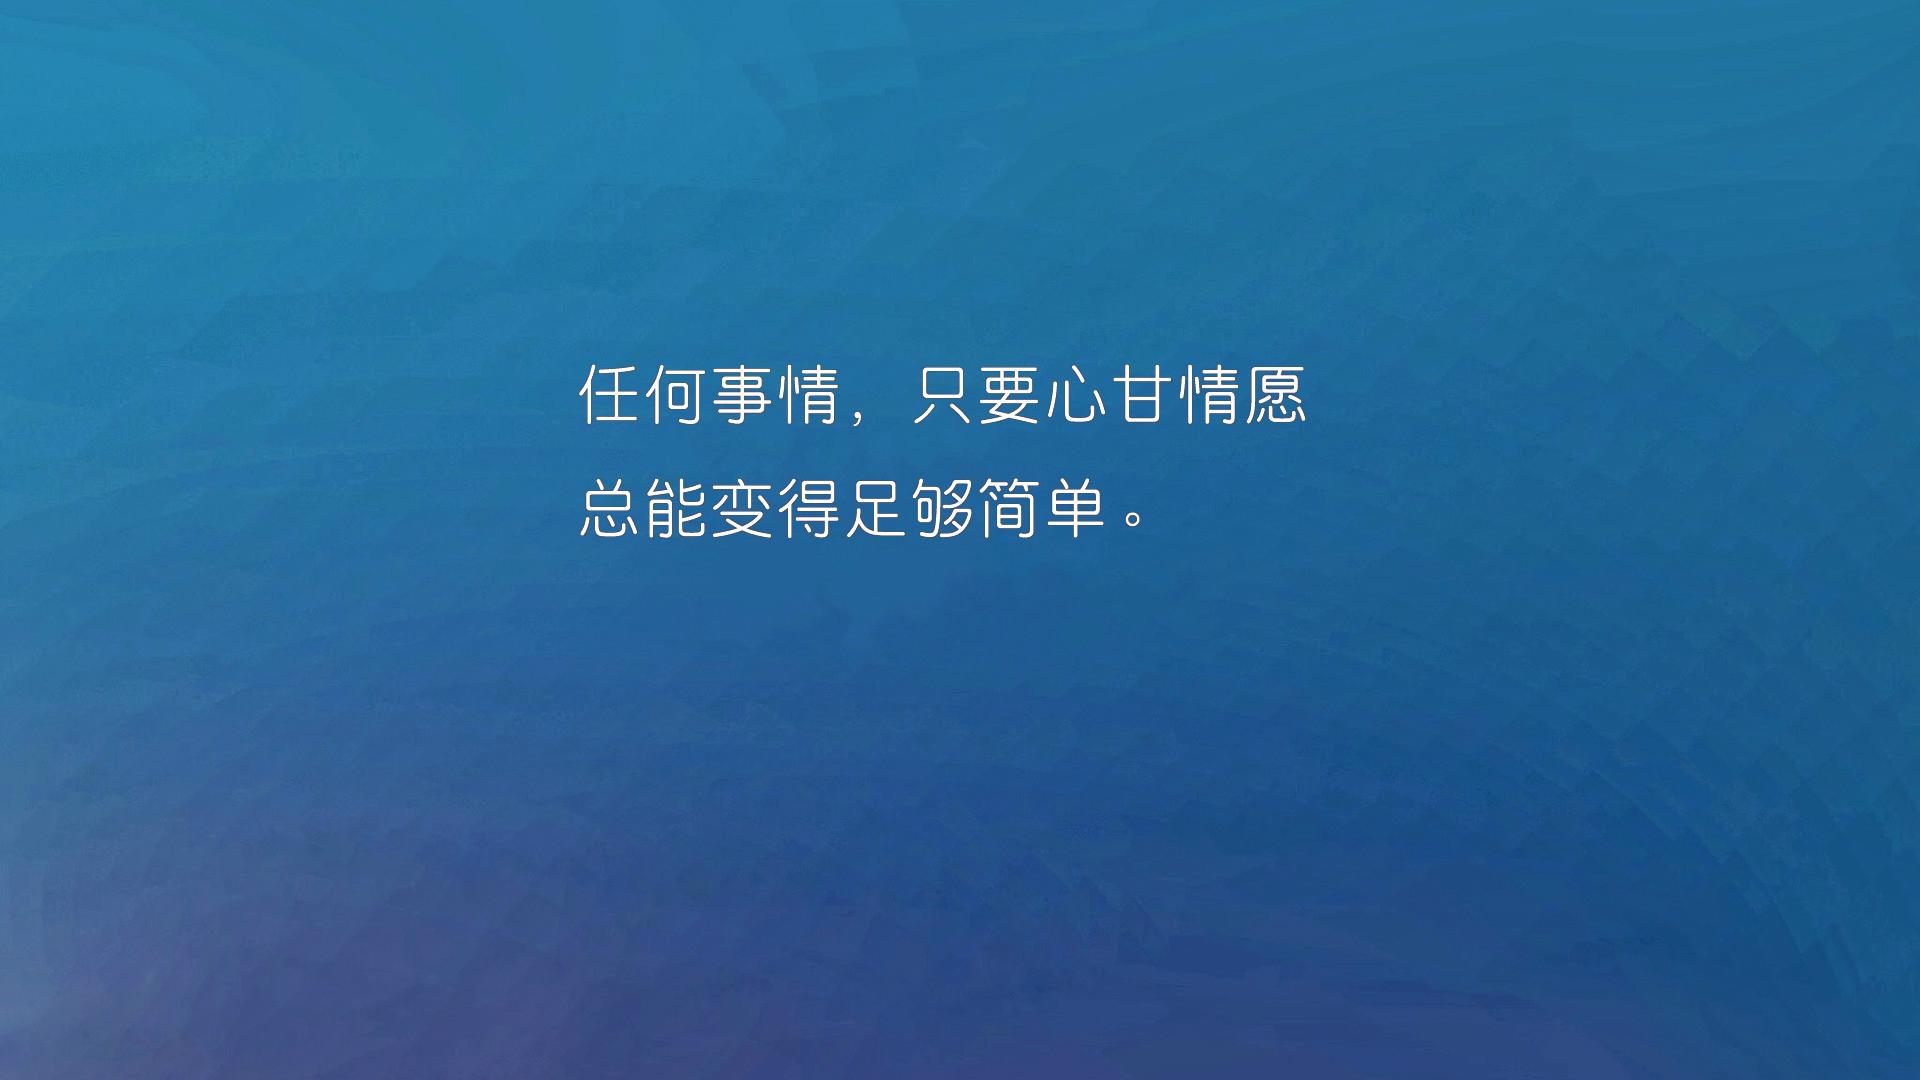 心甘情愿.jpg